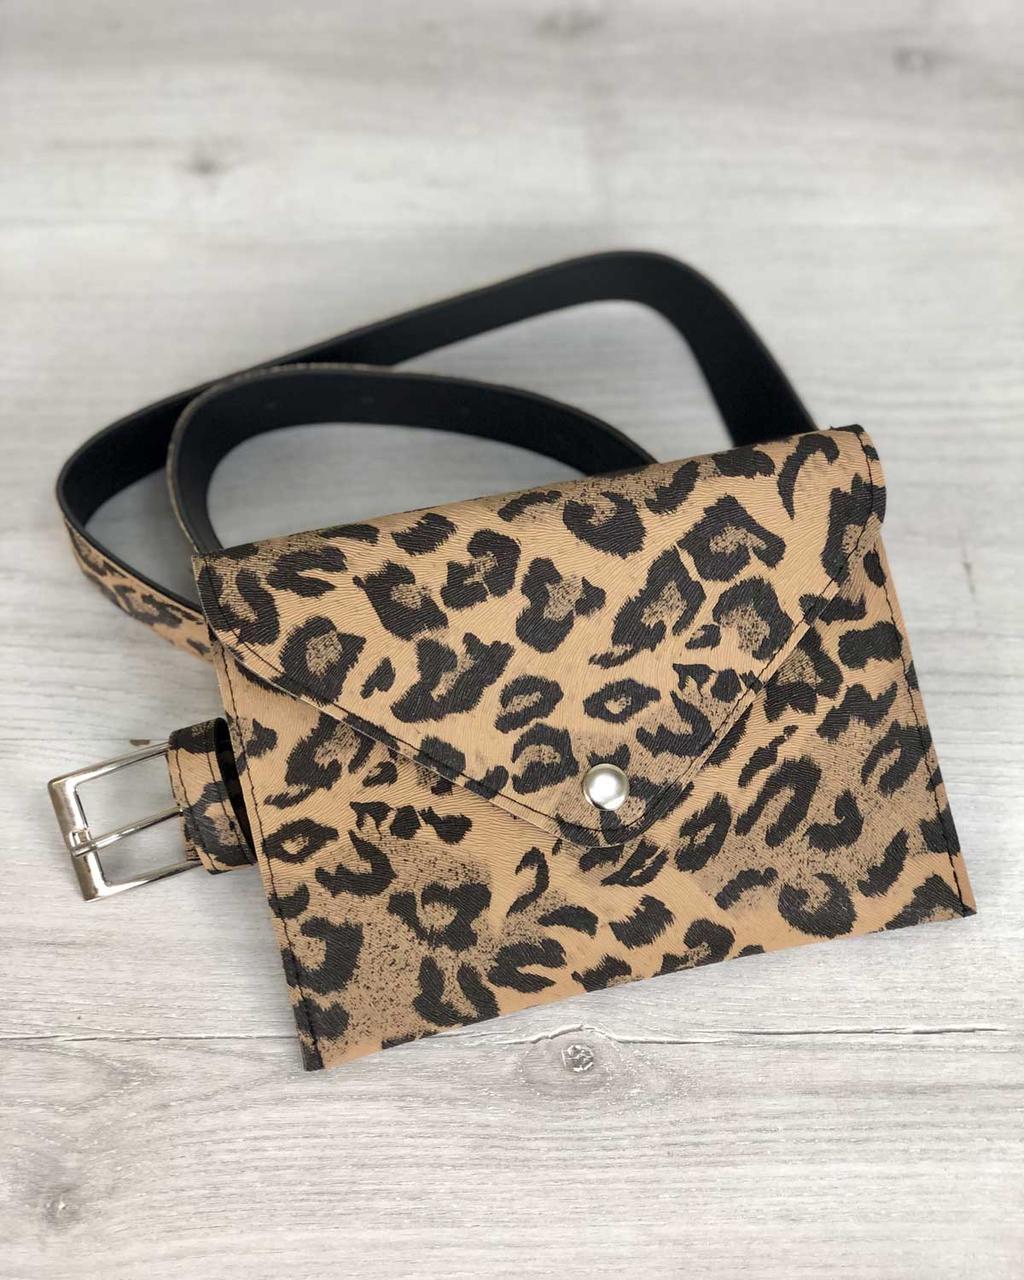 852ec47122f9 Леопардовая сумка-клатч на пояс 99113 маленькая поясная: продажа ...